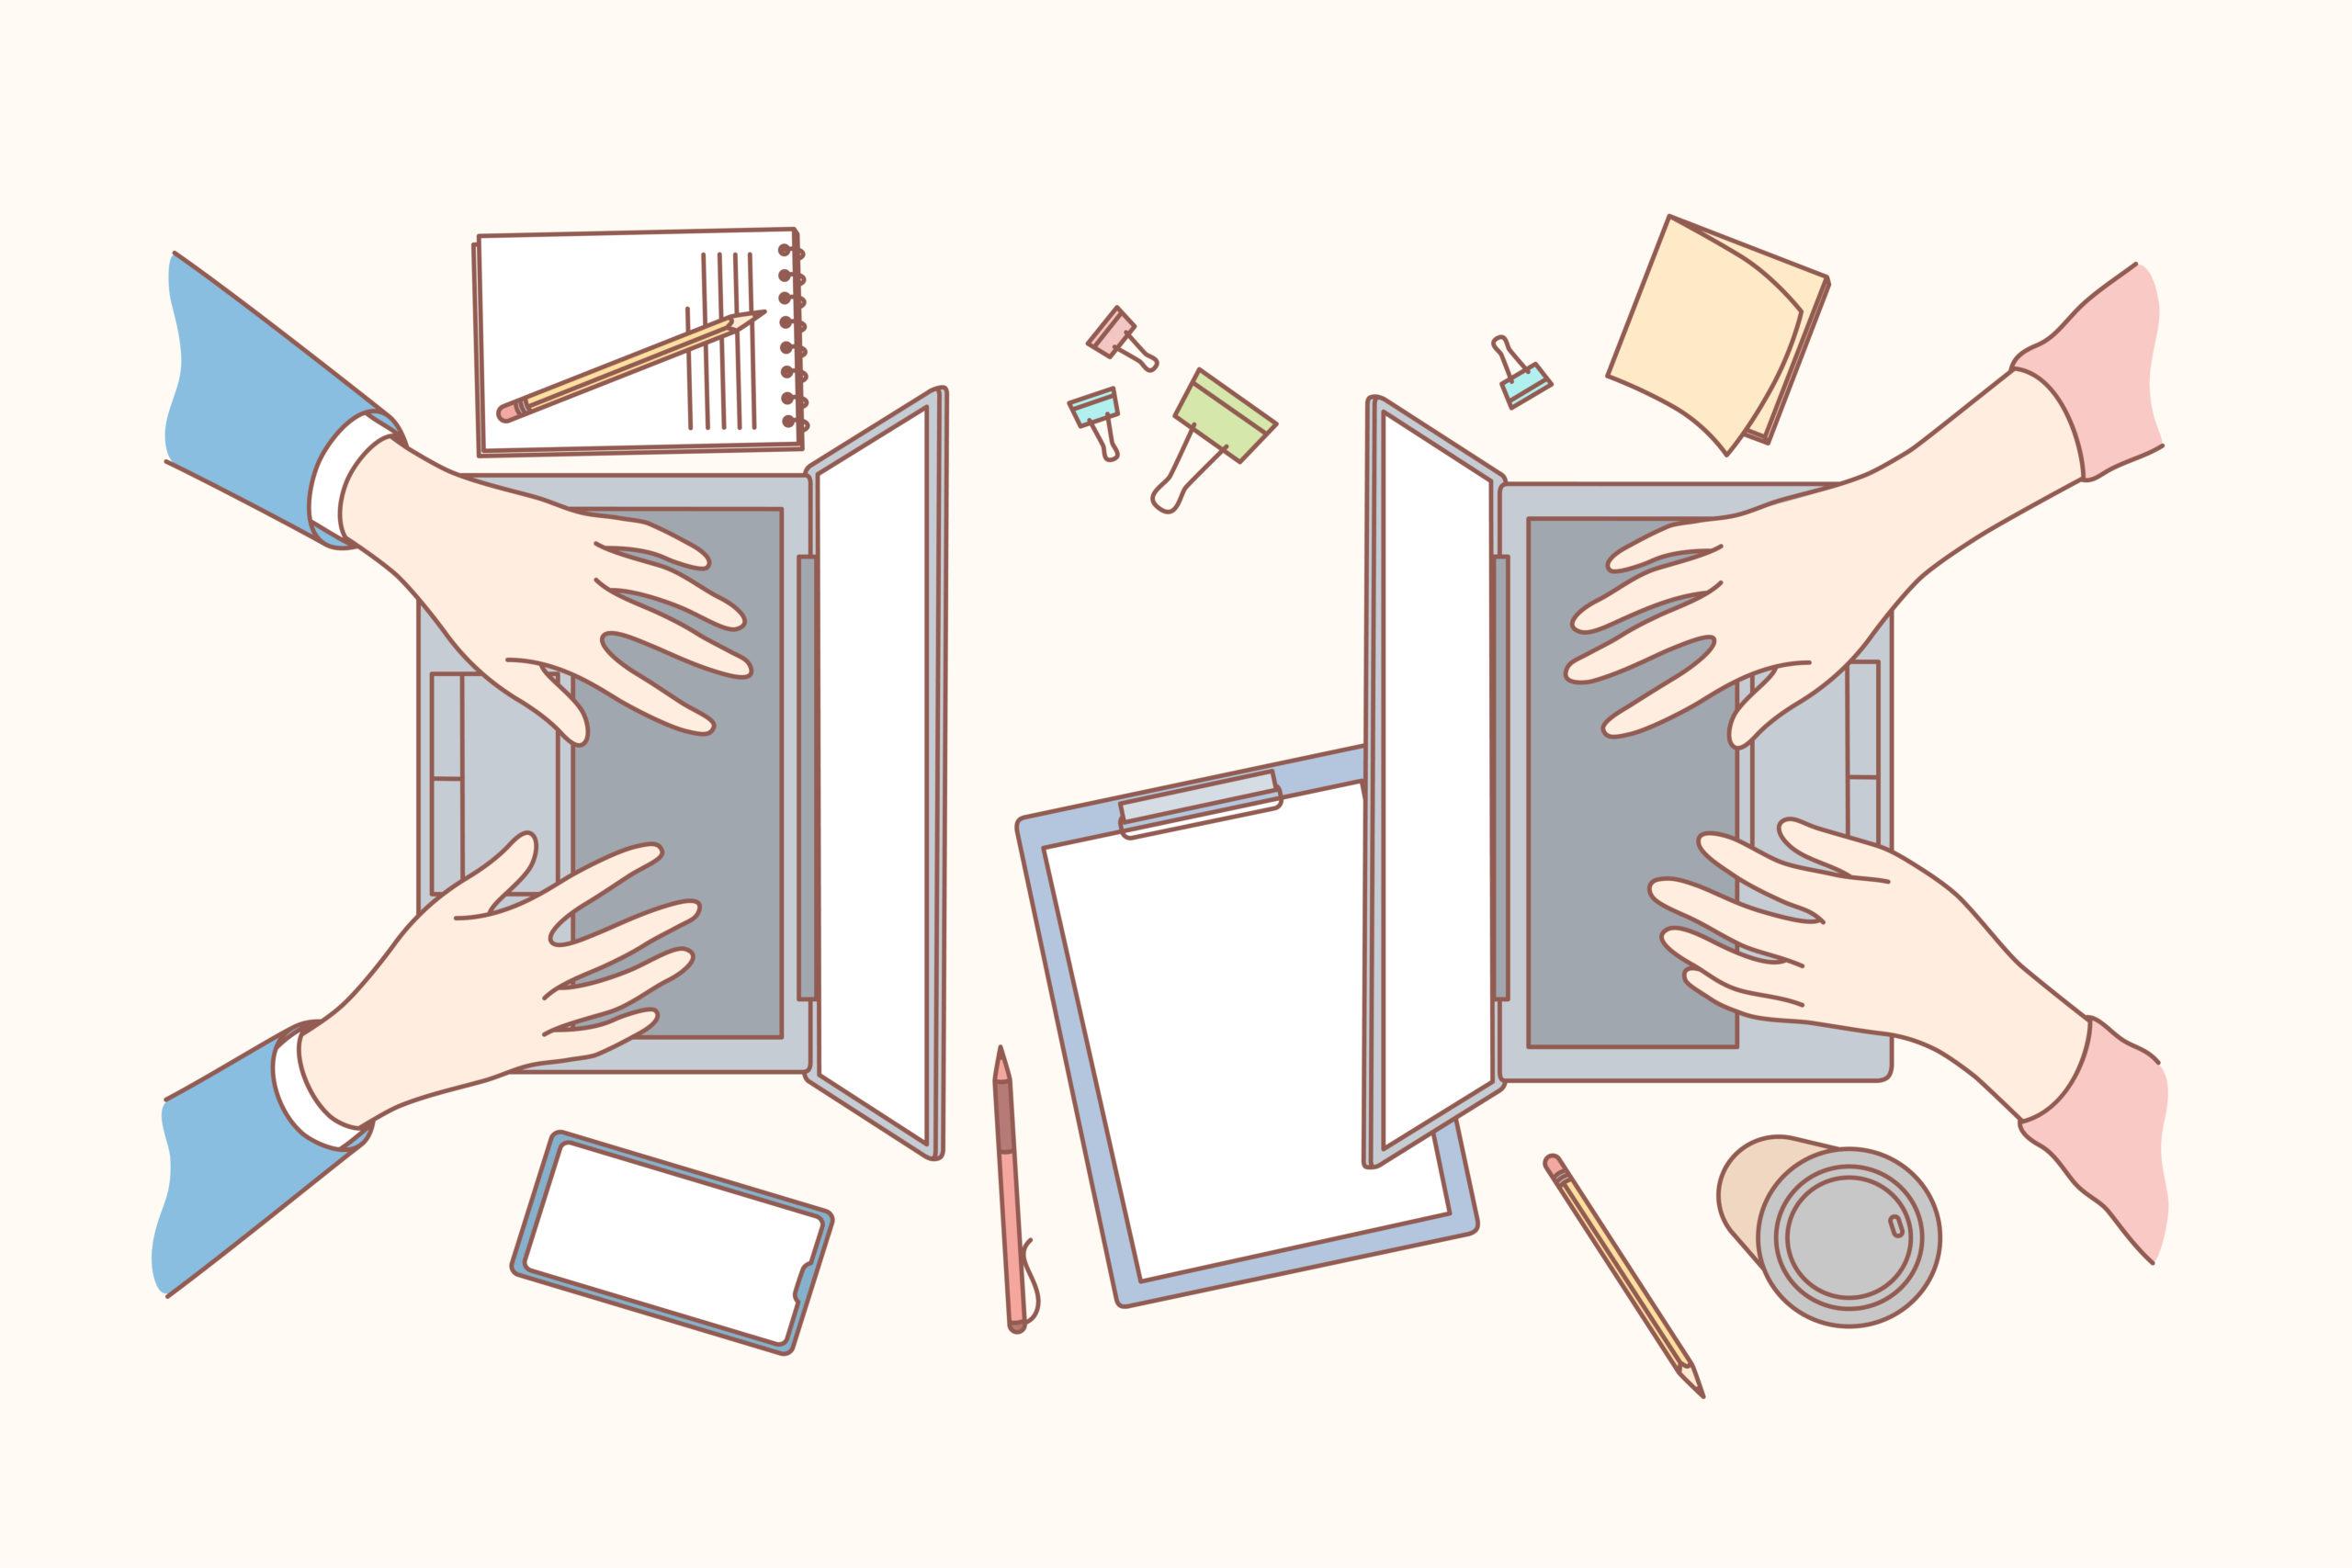 ブログを毎日更新してはいけないたった1つの理由【実体験をもとに解説します】